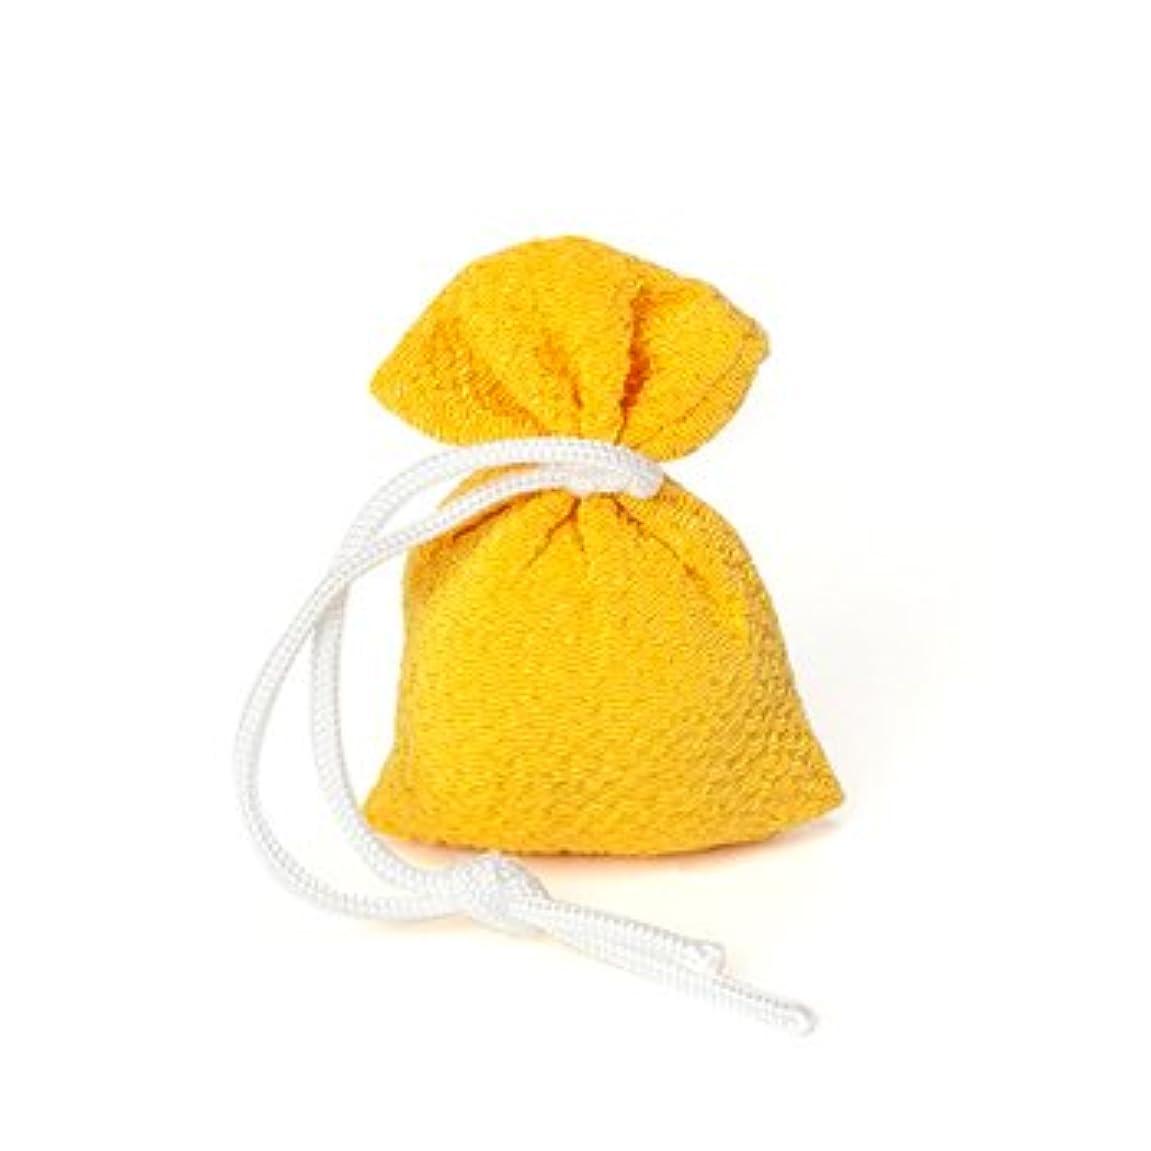 ワゴン日帰り旅行に以上松栄堂 匂い袋 誰が袖 携帯用 1個入 ケースなし (色をお選びください) (黄)